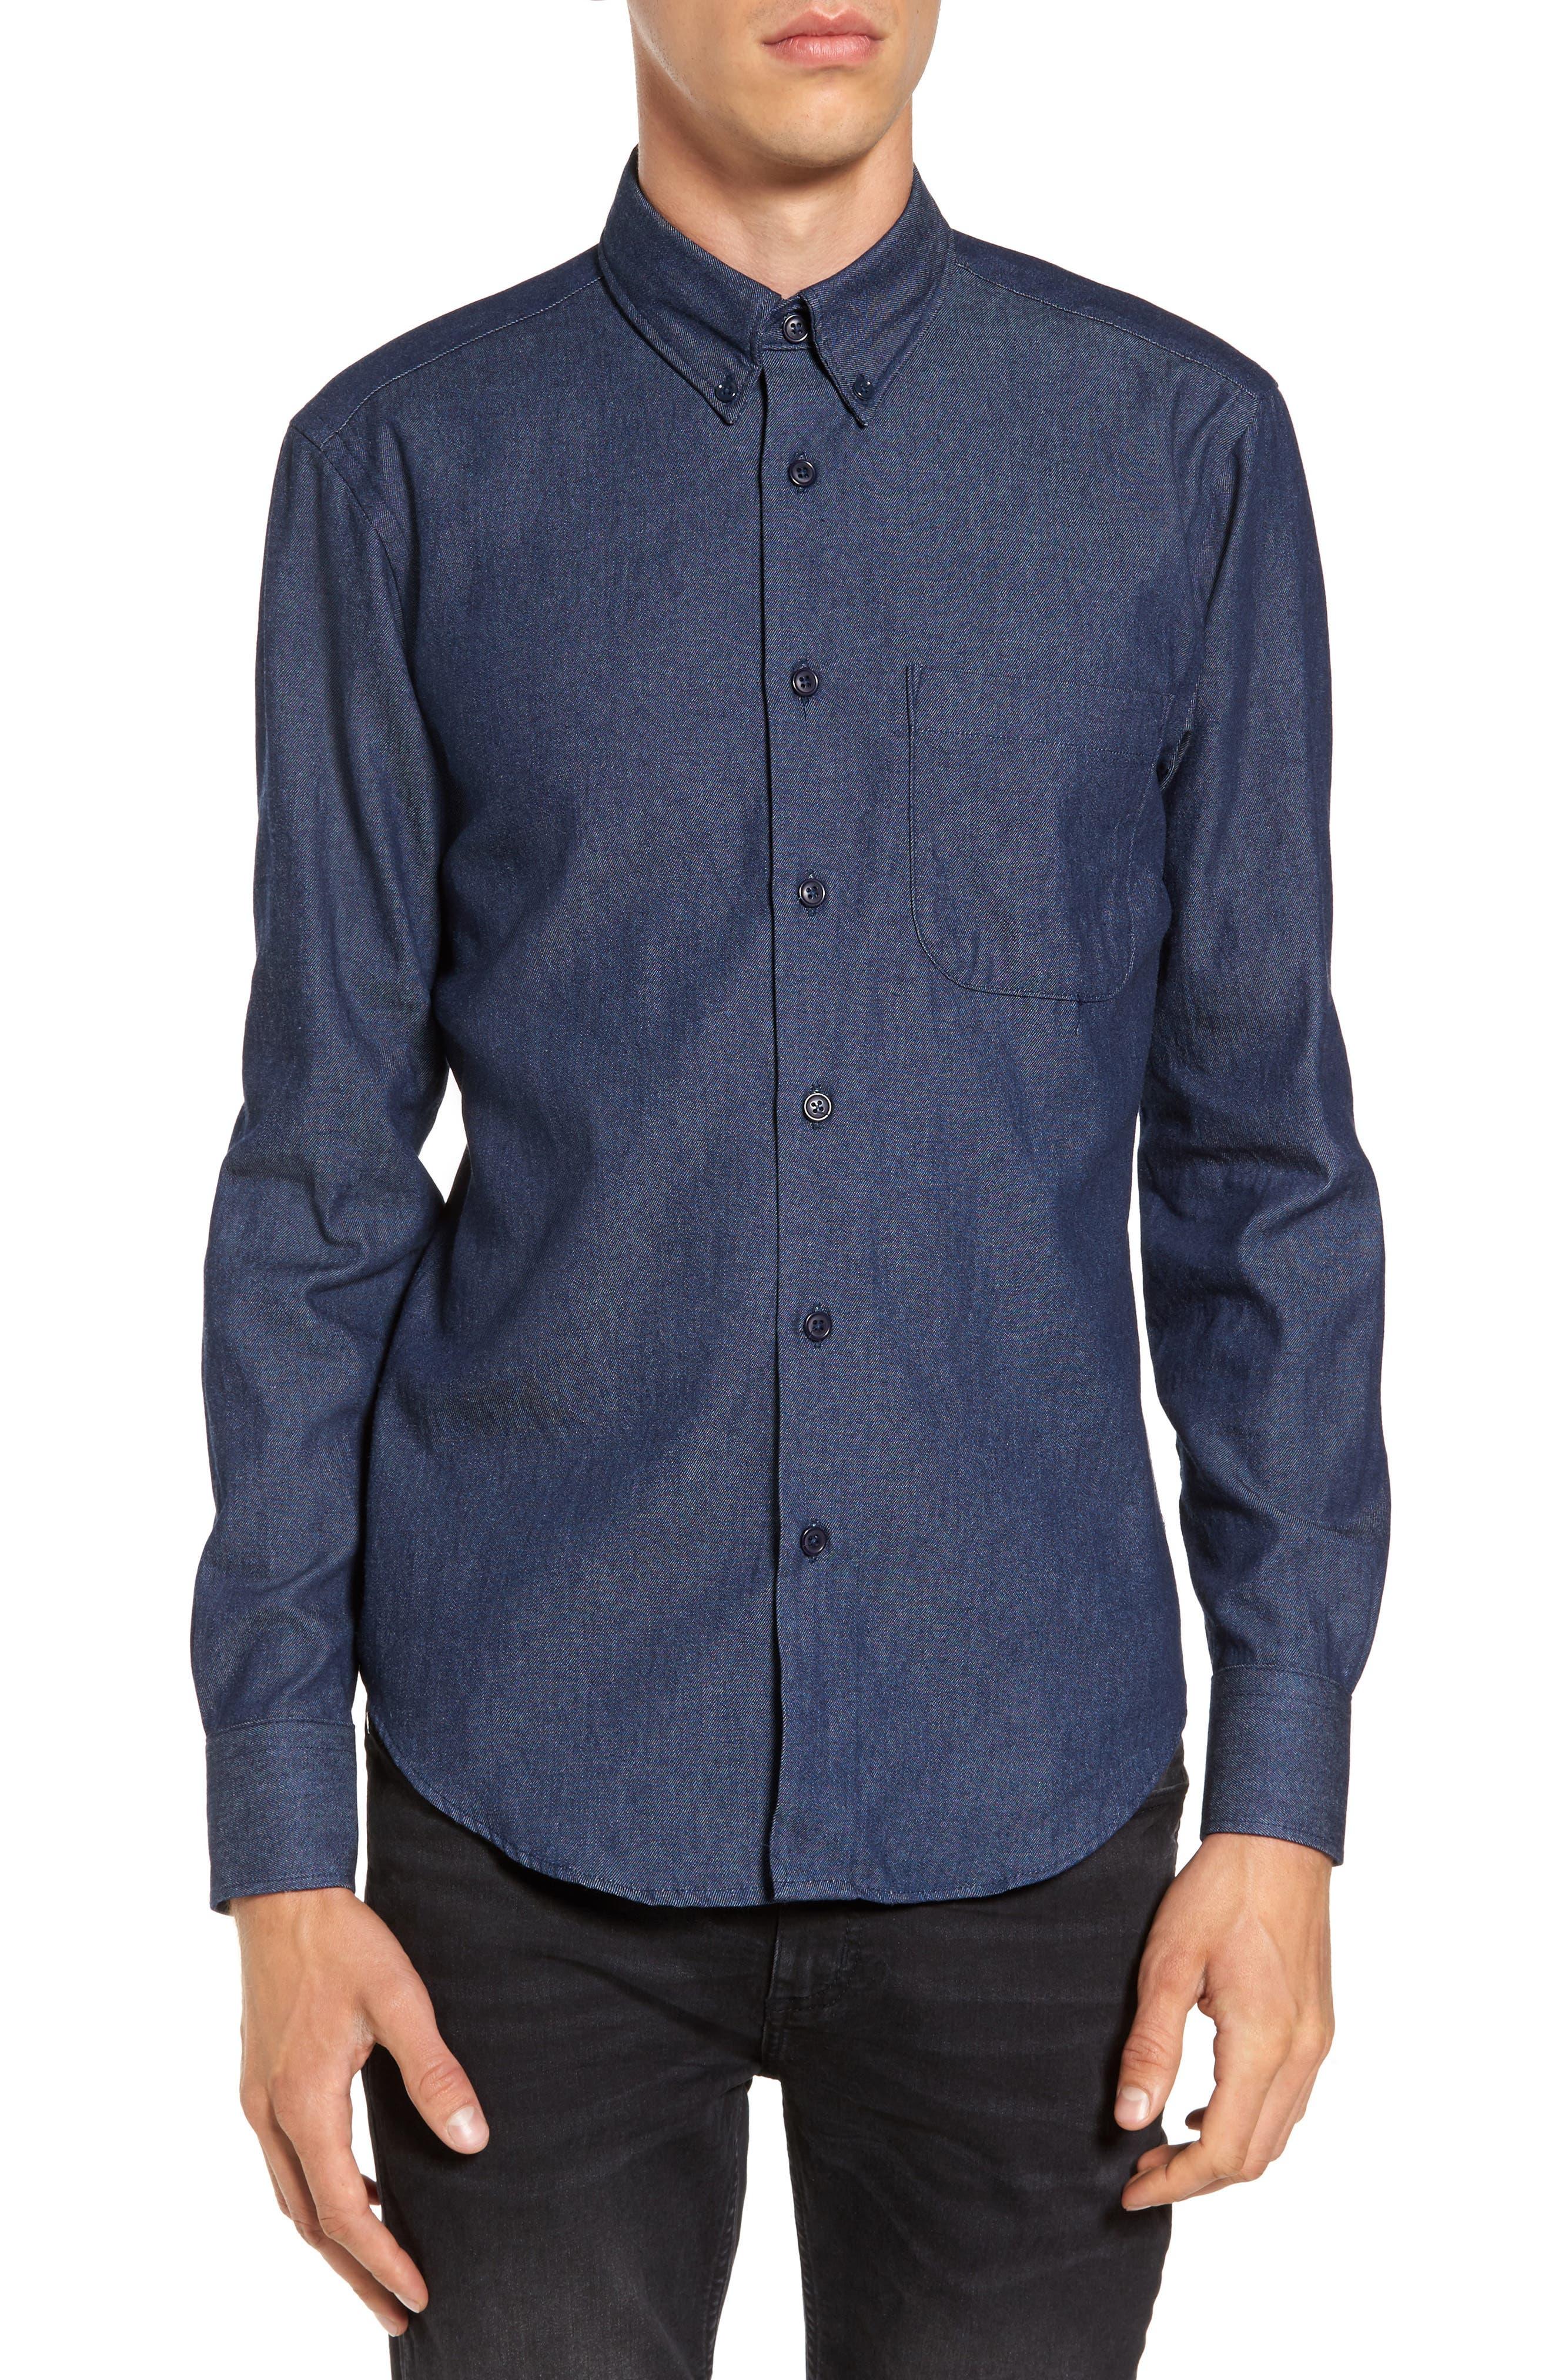 Indigo Long Sleeve Shirt,                         Main,                         color, Indigo